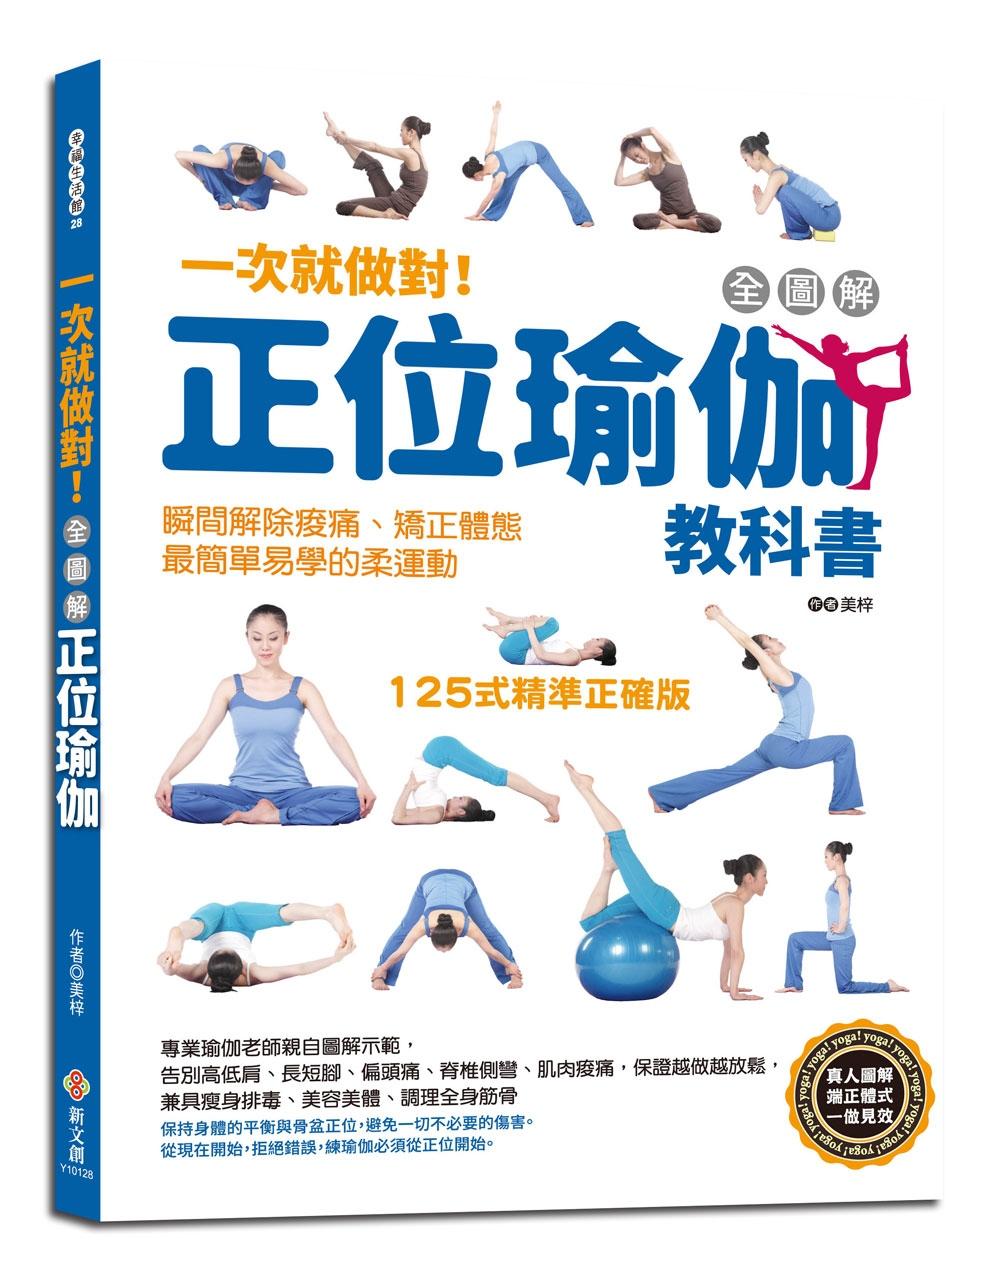 一次就做對^!全圖解正位瑜伽教科書:125式精準正確版, 瑜伽老師親自圖解示範